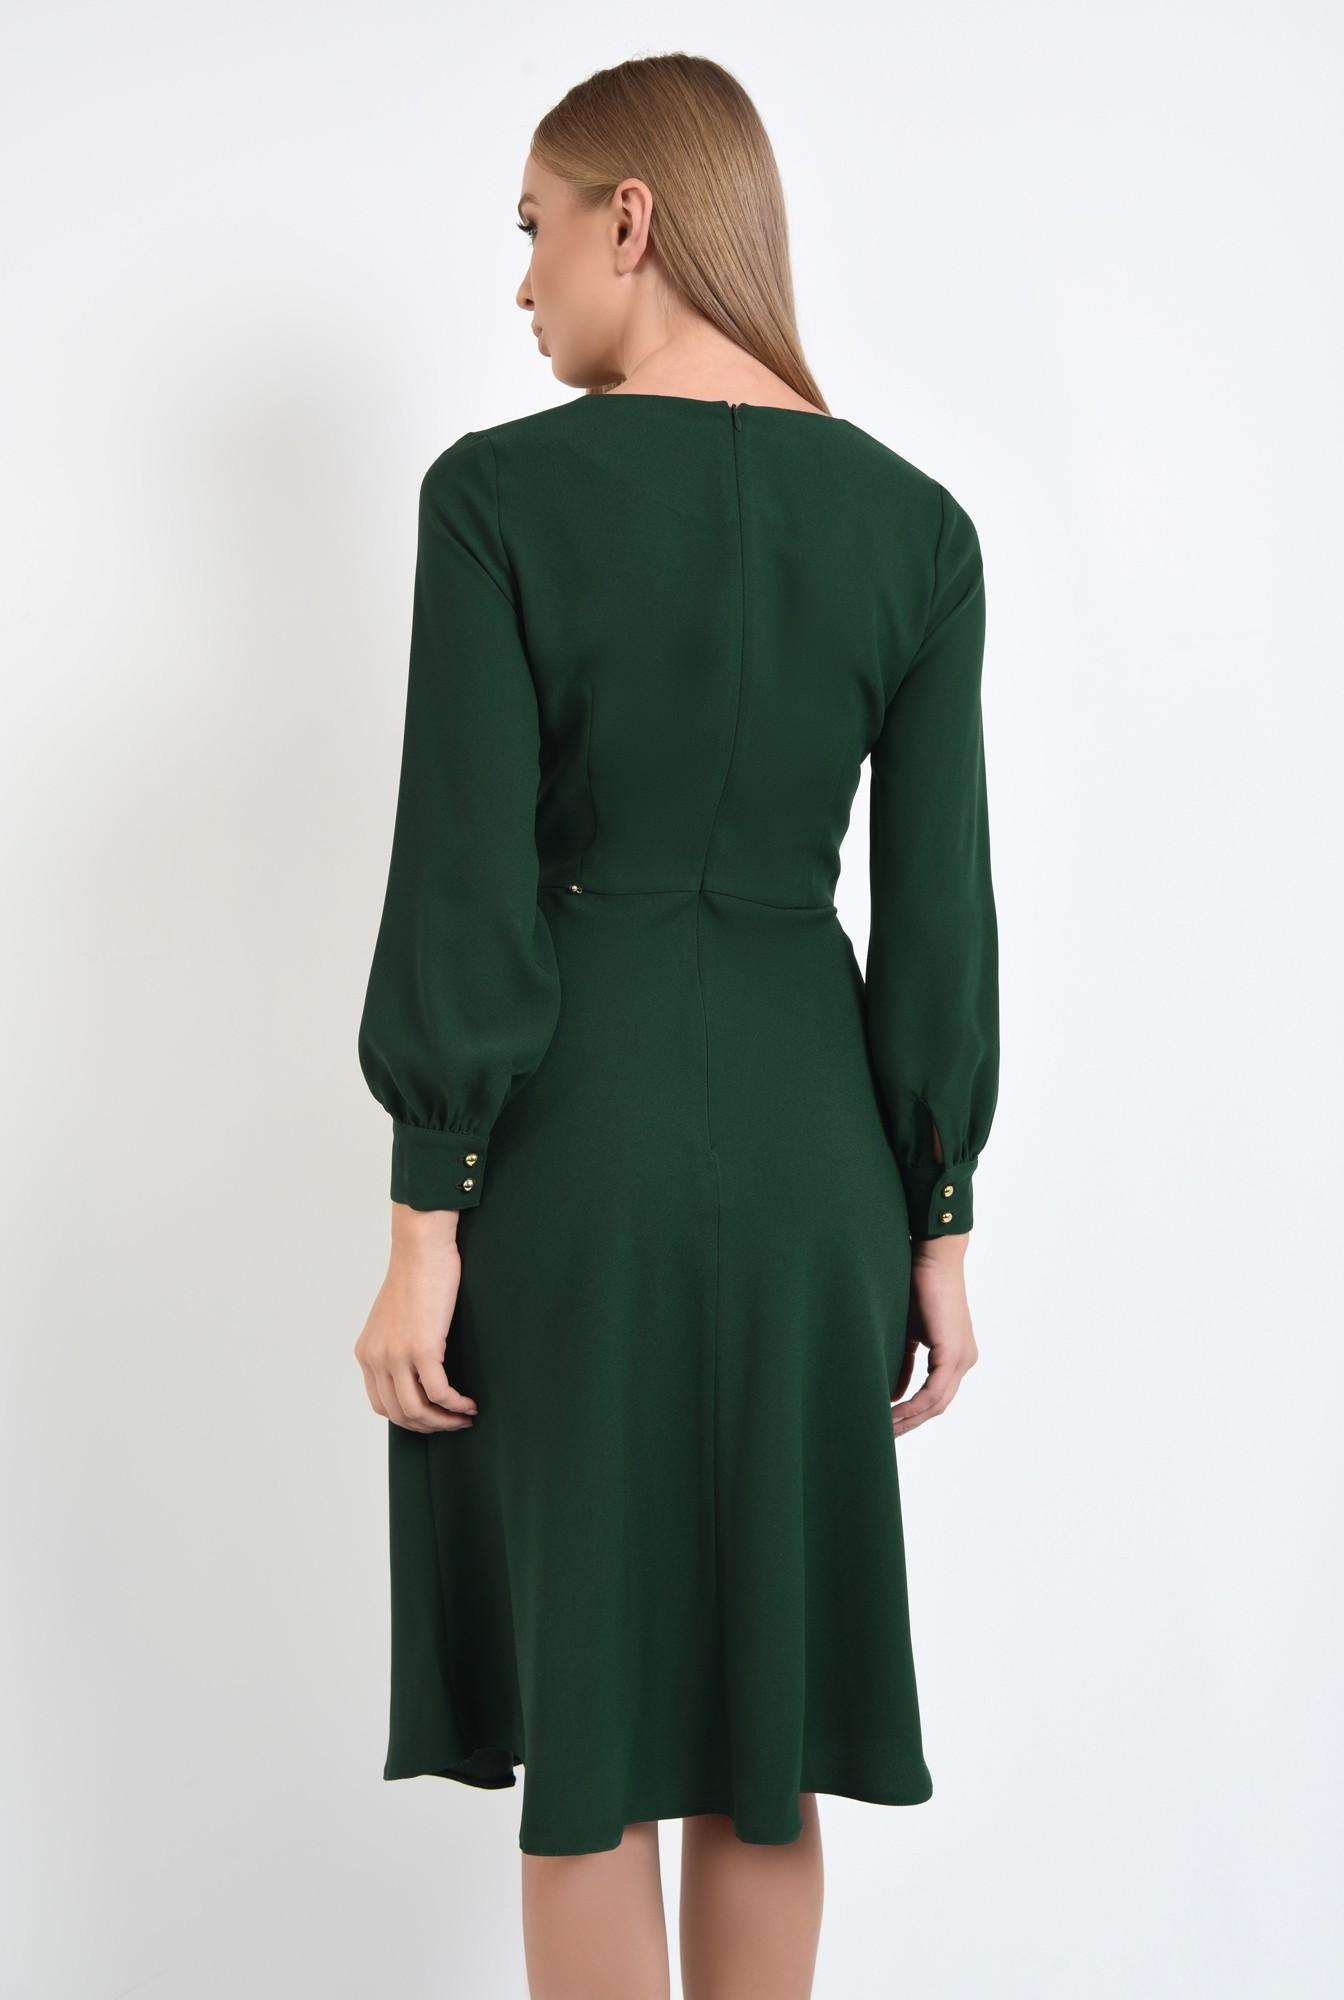 1 - rochie de zi, verde, midi, maneci lungi